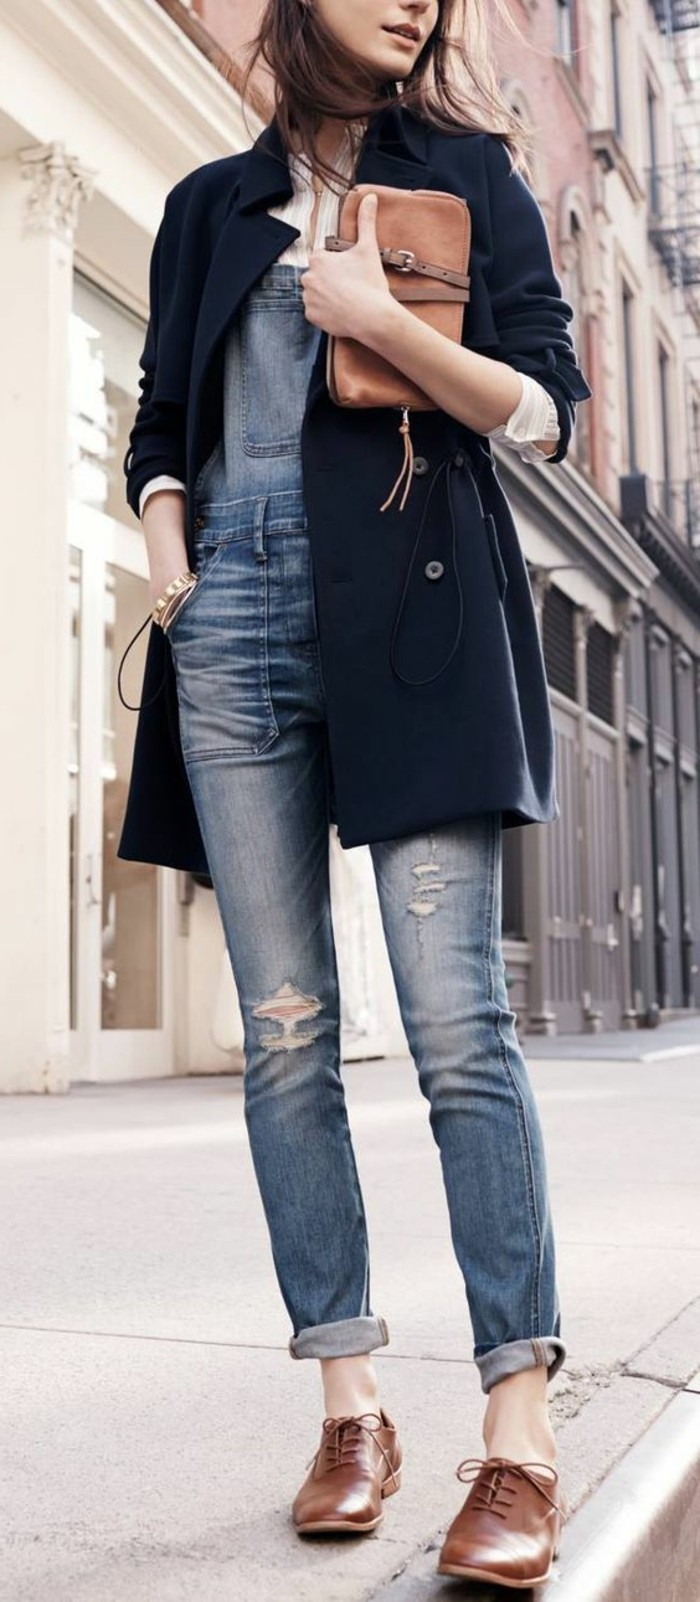 0-magnifique-autfit-femme-moderne-derbie-femme-cuir-marron-foncé-manteau-bleu